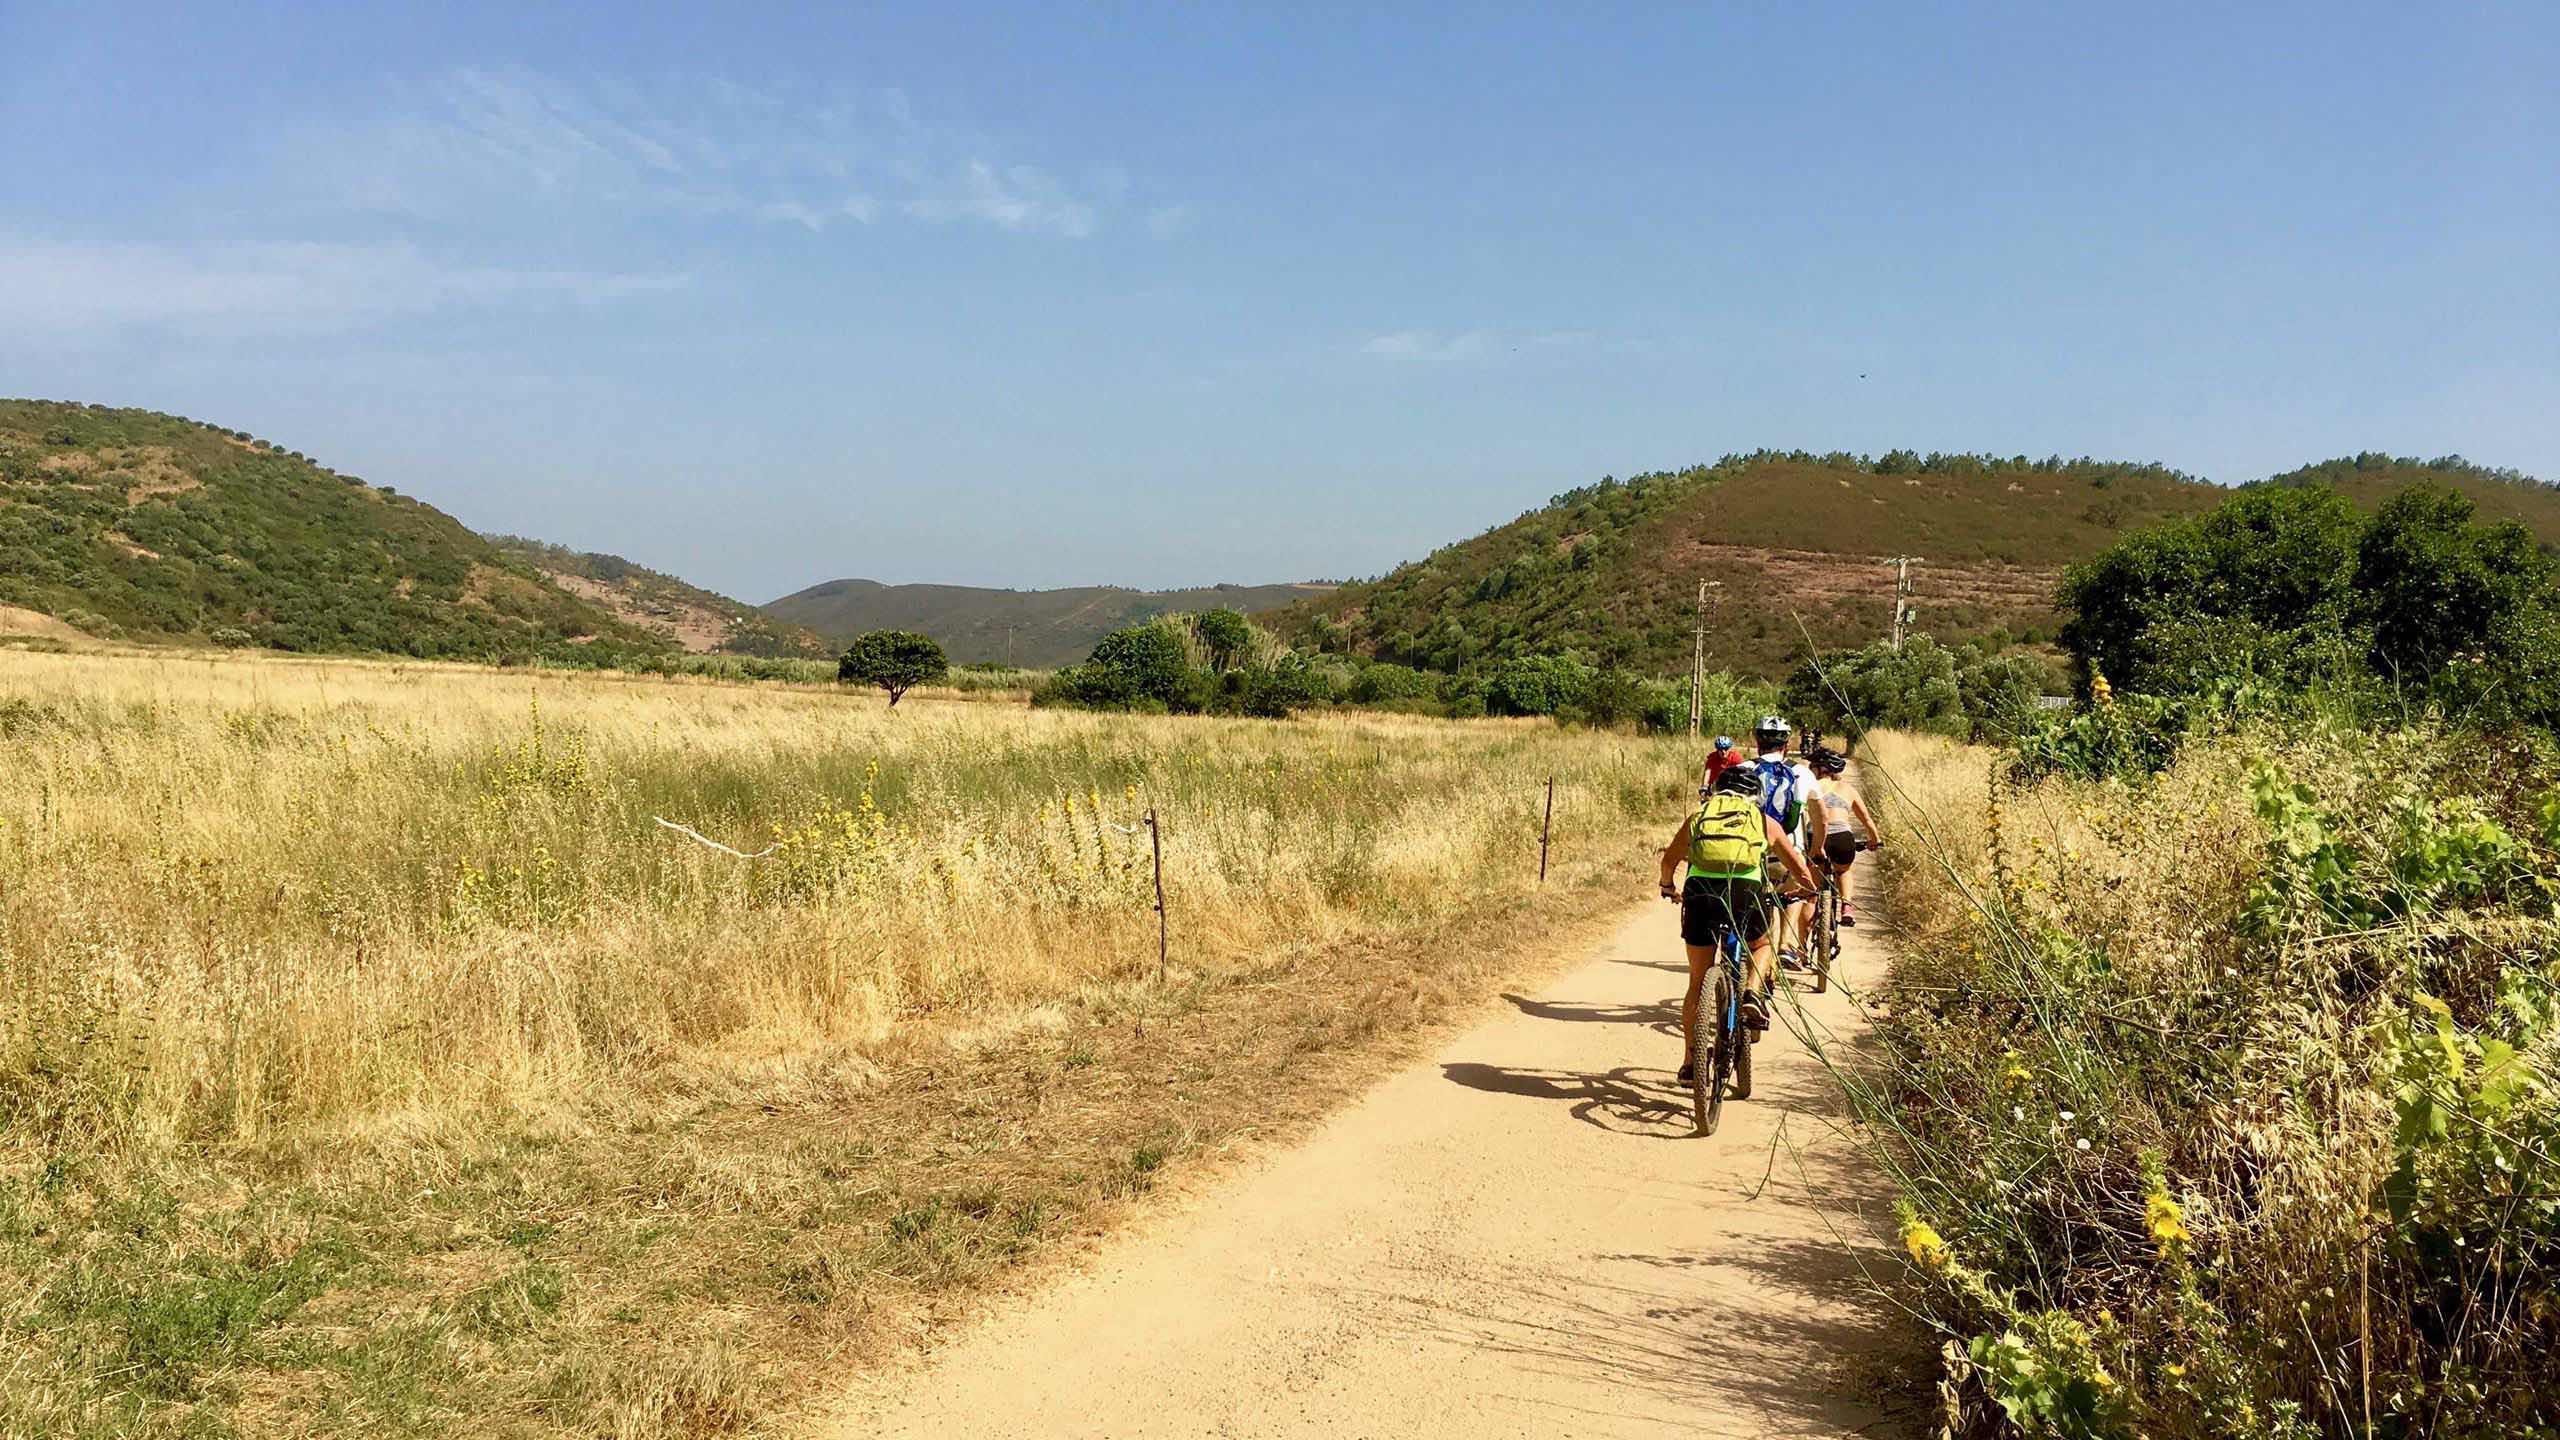 OceanBlue Algarve (2) Adventure Holiday, Surf Holiday, Sup Holiday, Biking Holiday, Boat Trips Algarve